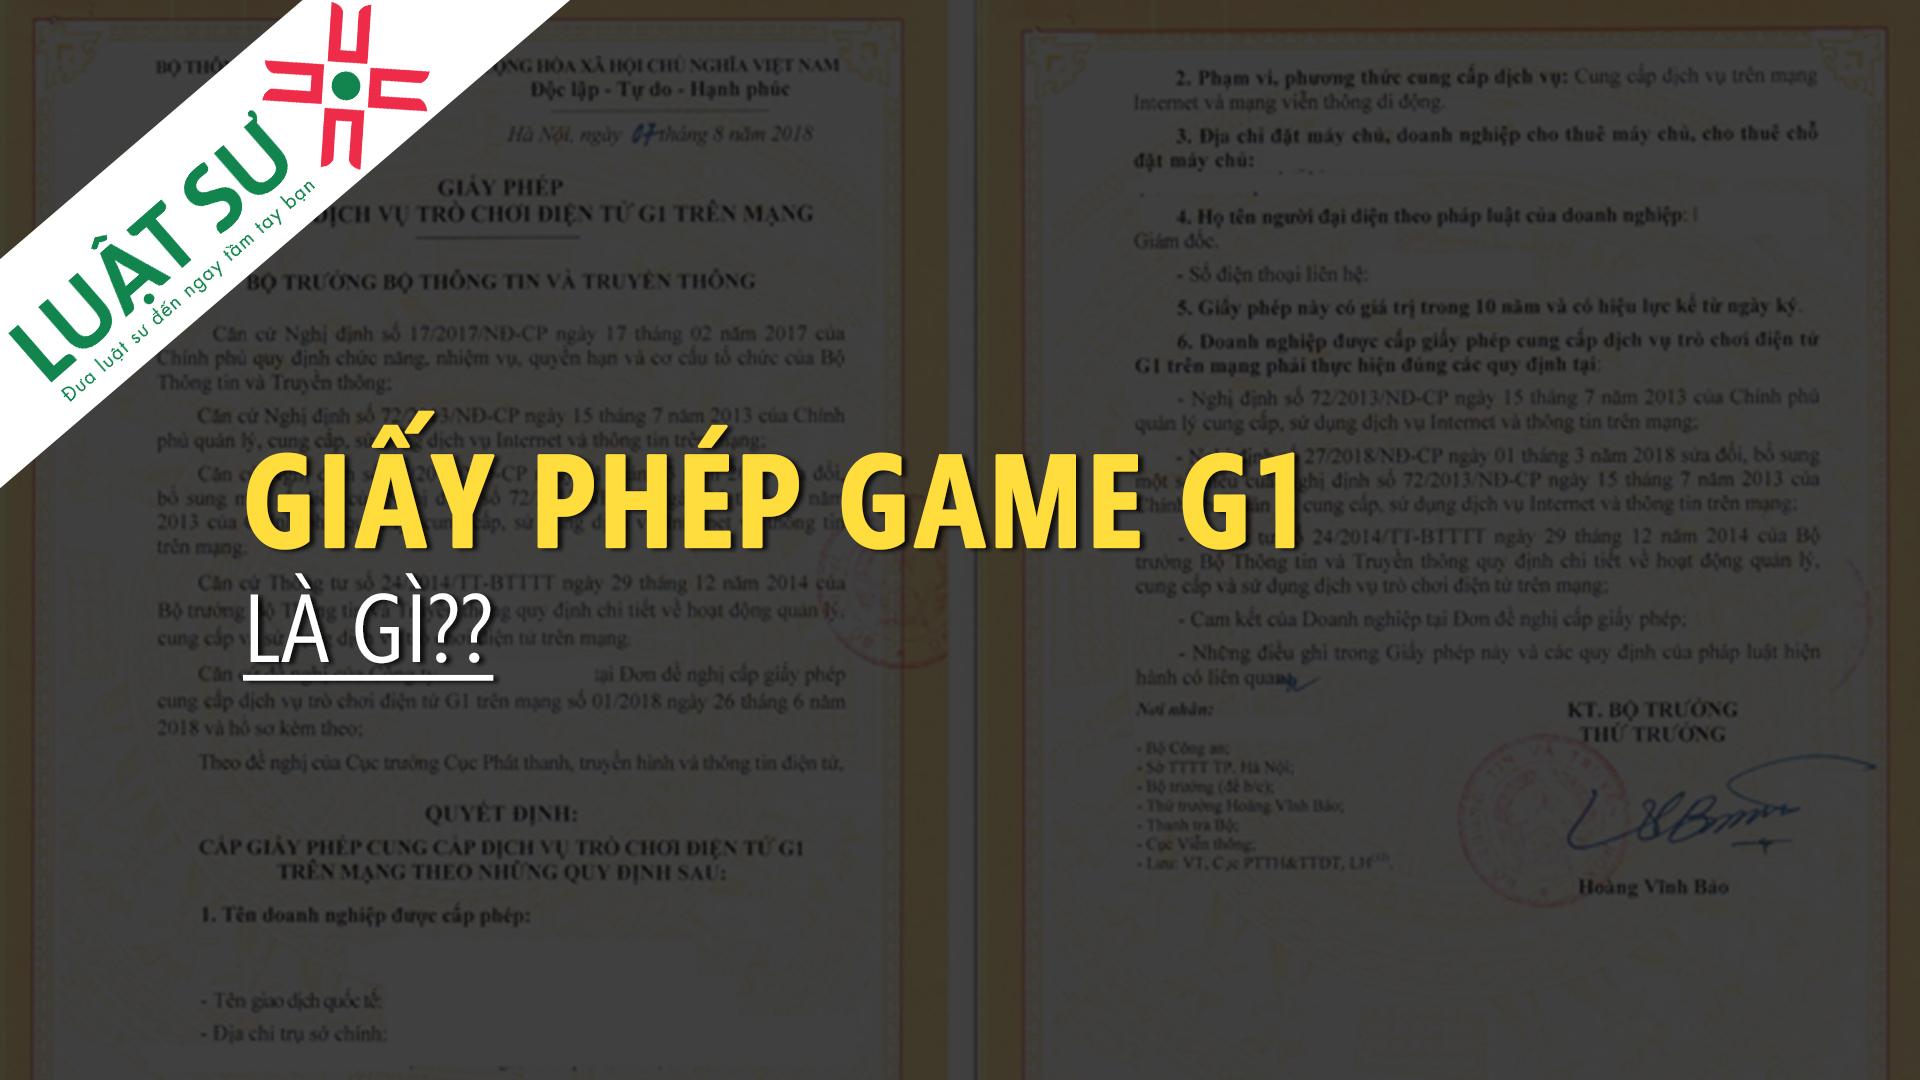 Giấy phép Game G1 là gì?